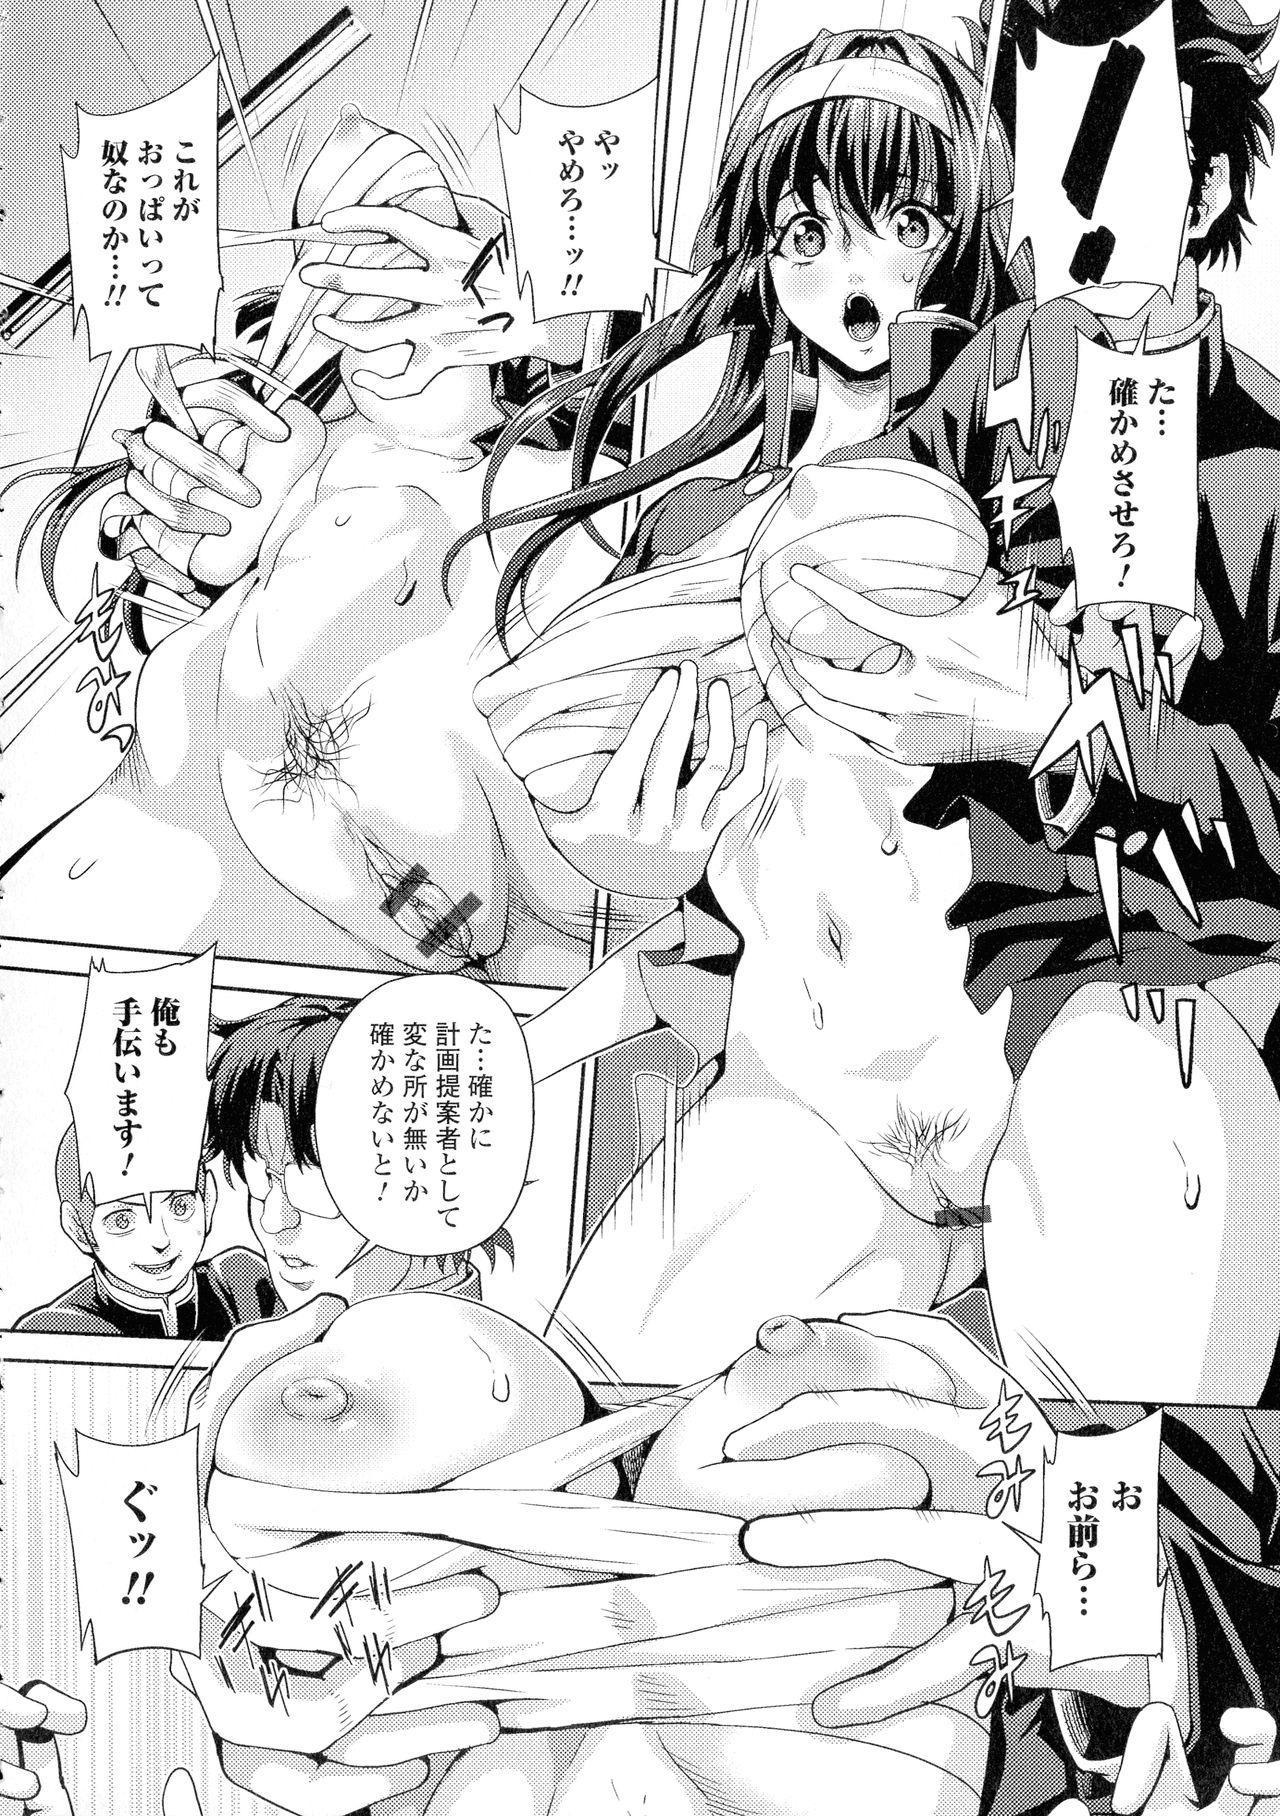 Futanari Tsunagari - Androgynos Sexual intercourse 104